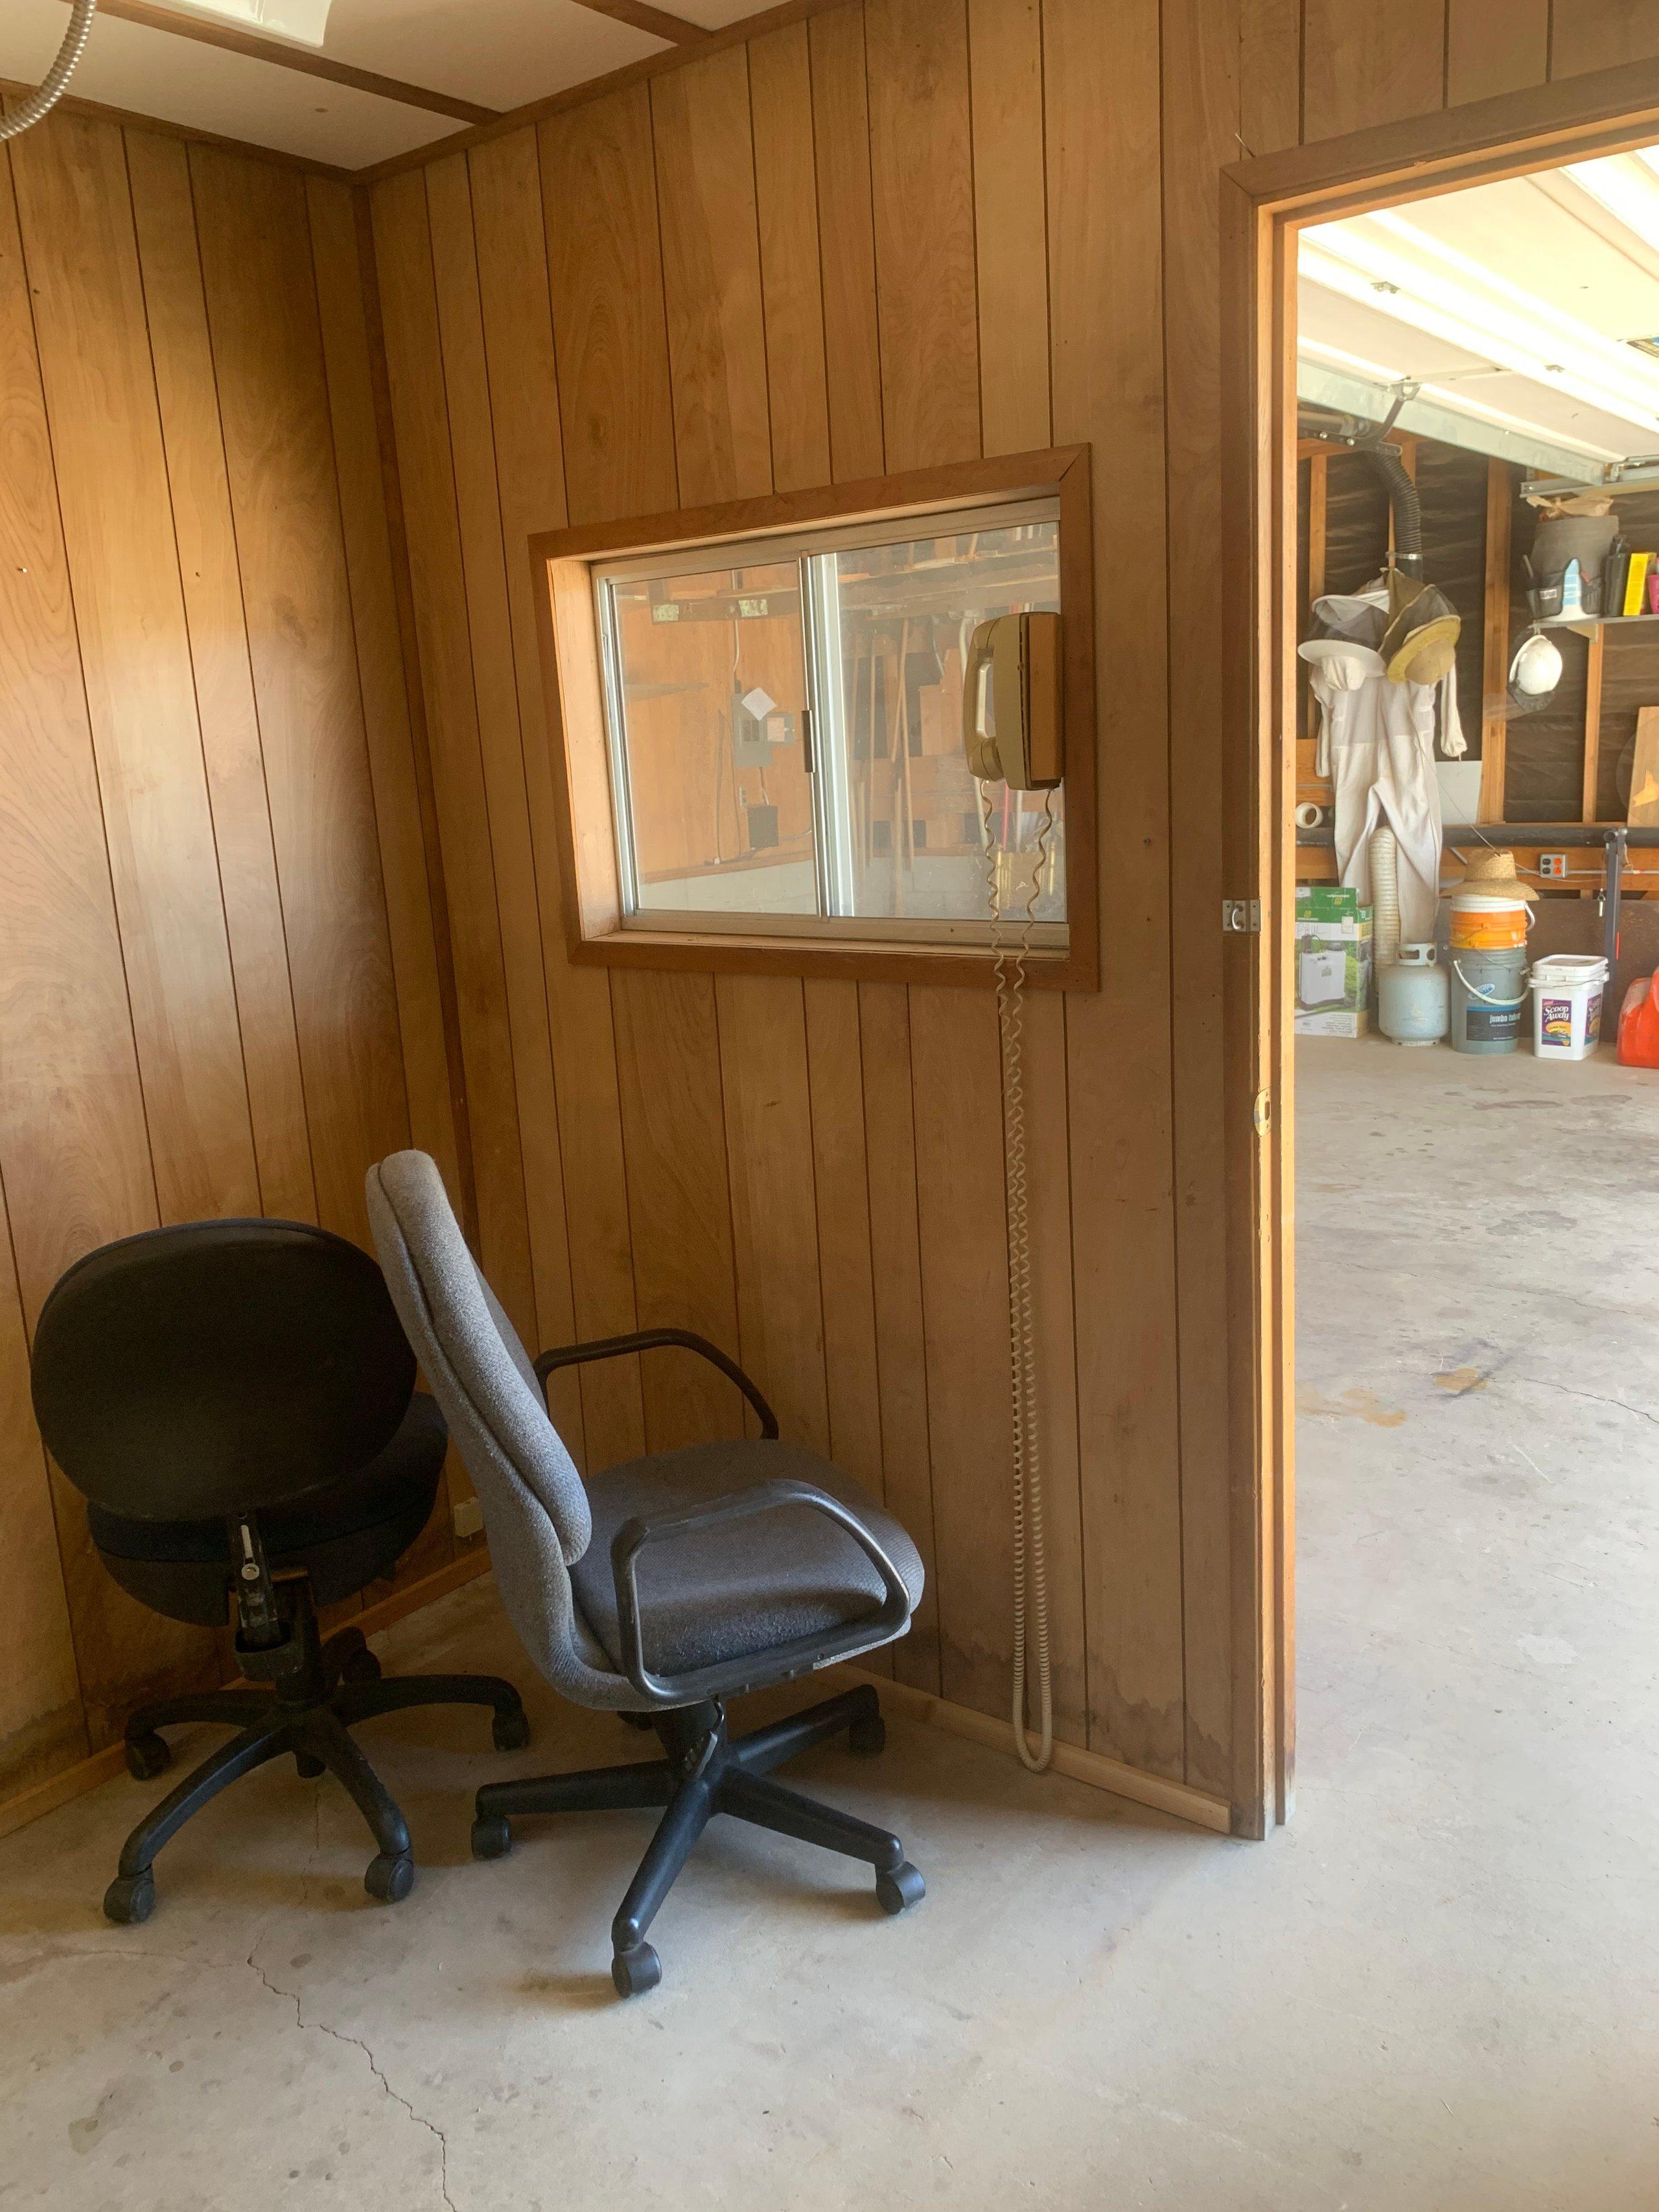 28x28 Garage self storage unit